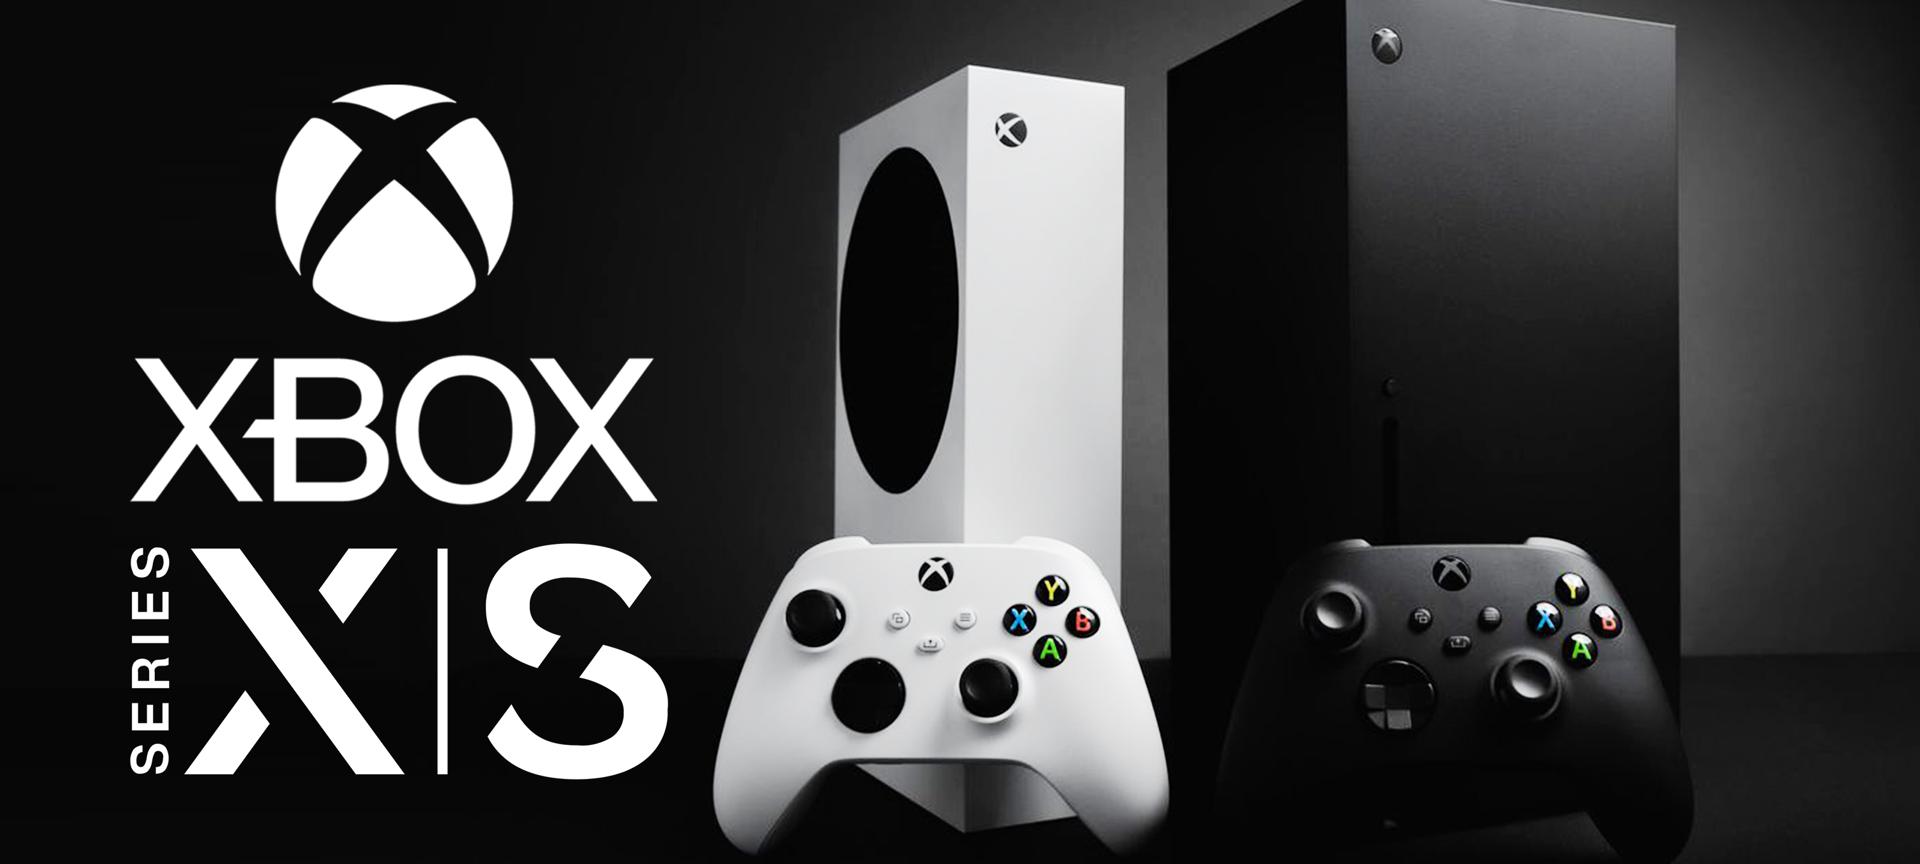 תמונה עבור הקטגוריה אקסבוקס סדרה איקס/אס  Xbox Series X/S